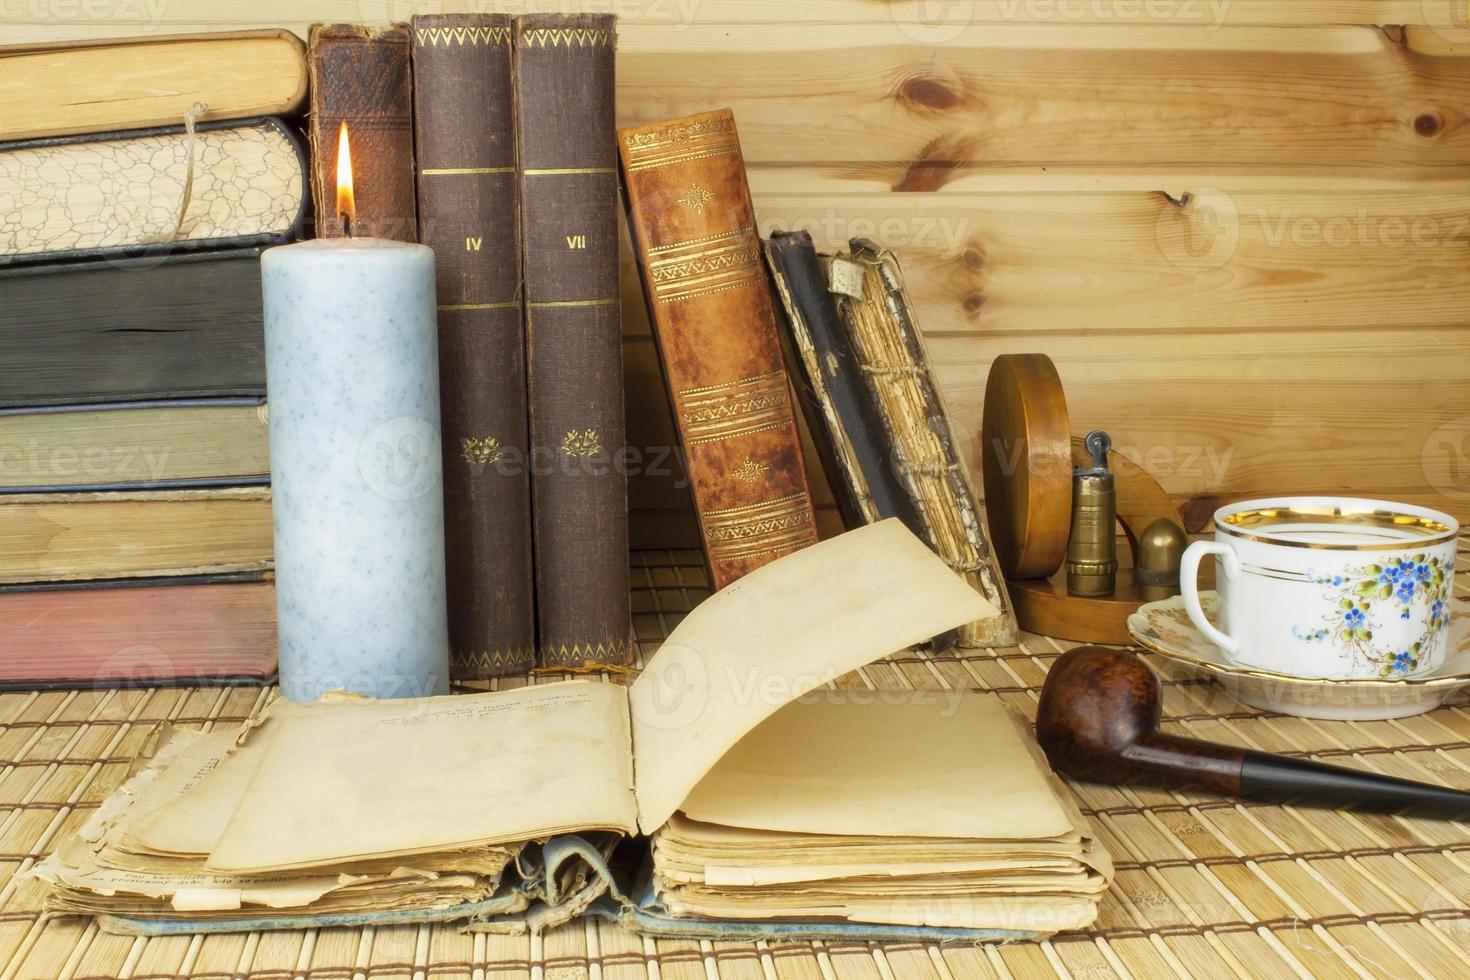 geschiedenis studeren. oude boeken op tafel. foto